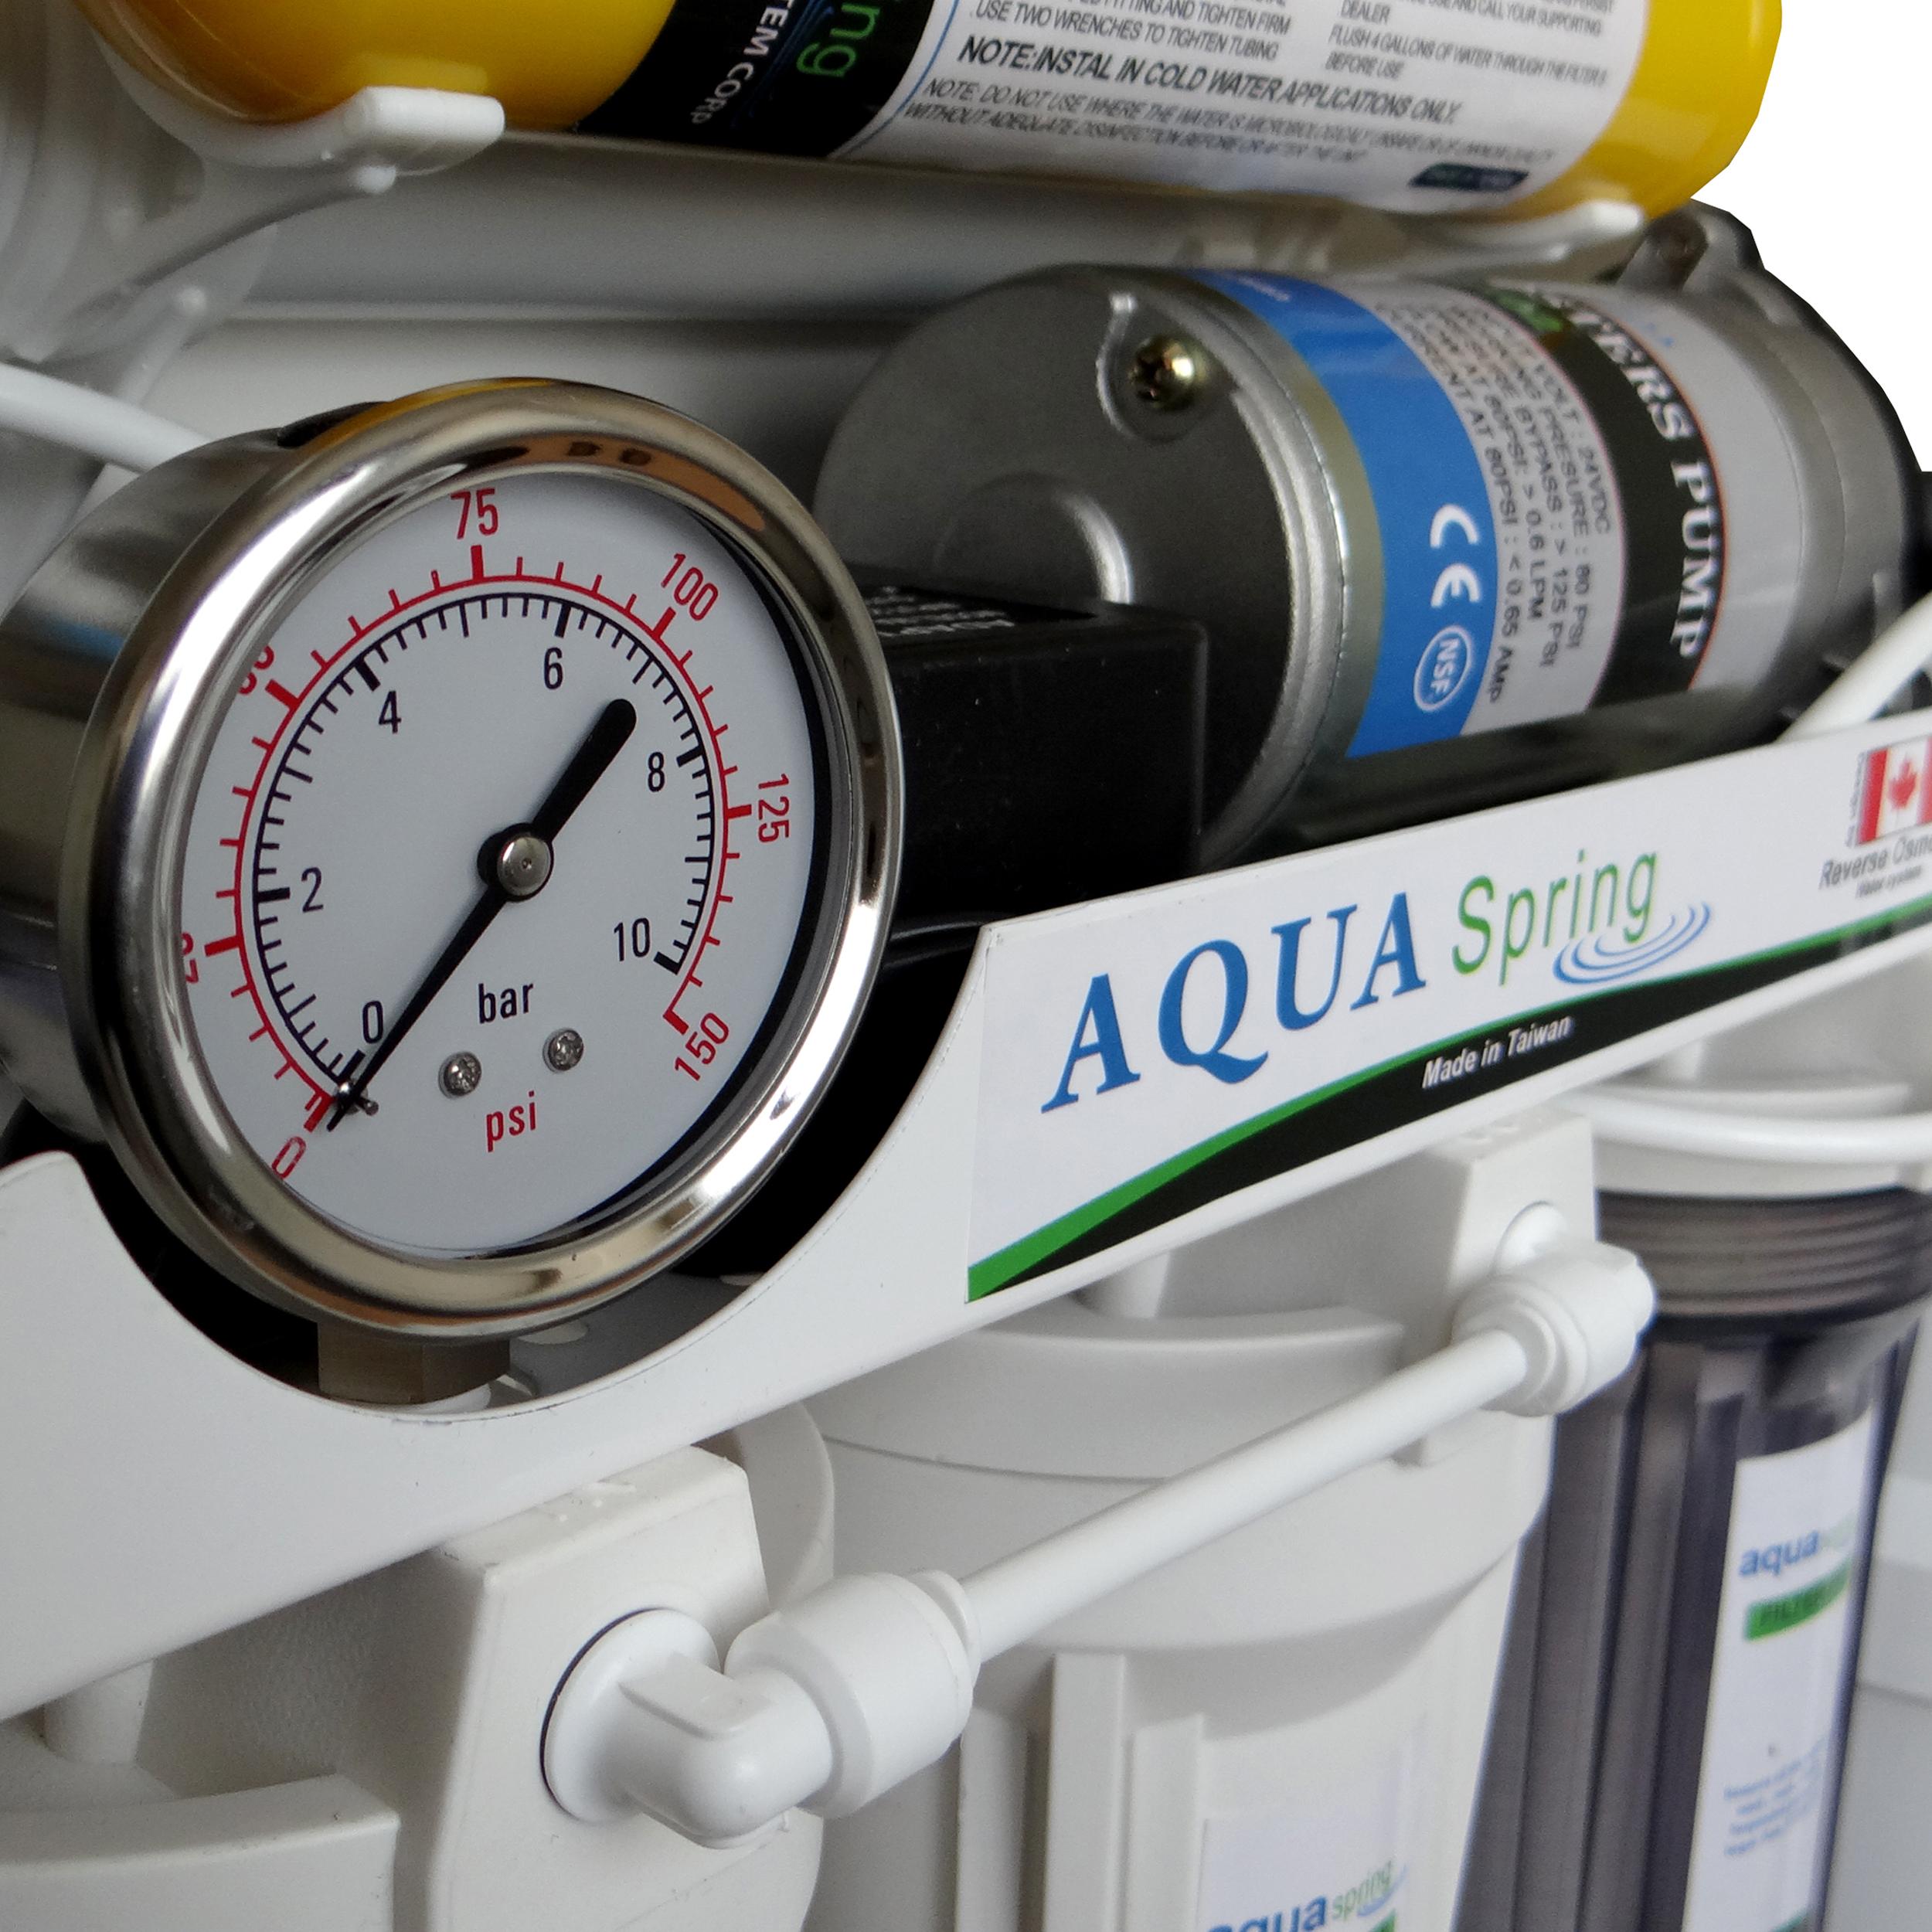 دستگاه  تصفیه کننده آب آکوآ اسپرینگ  مدل RO - NF2600 به همراه فیلتر مجموعه 3 عددی